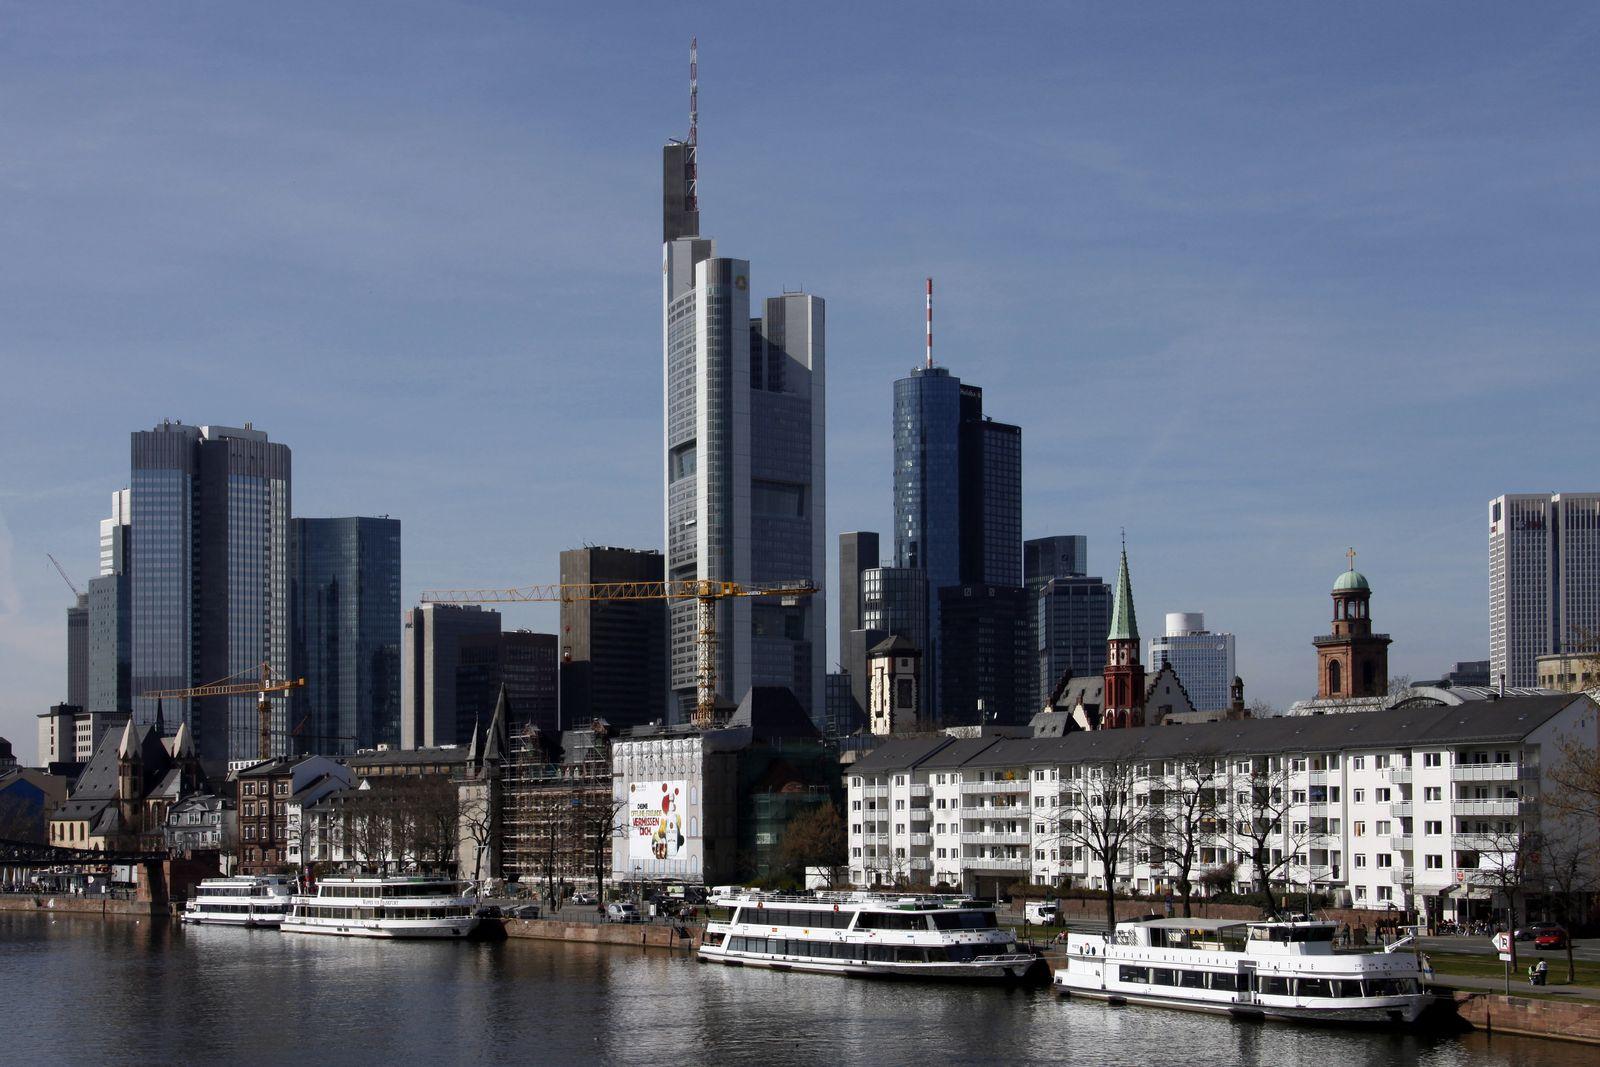 NICHT VERWENDEN skyline frankfurt